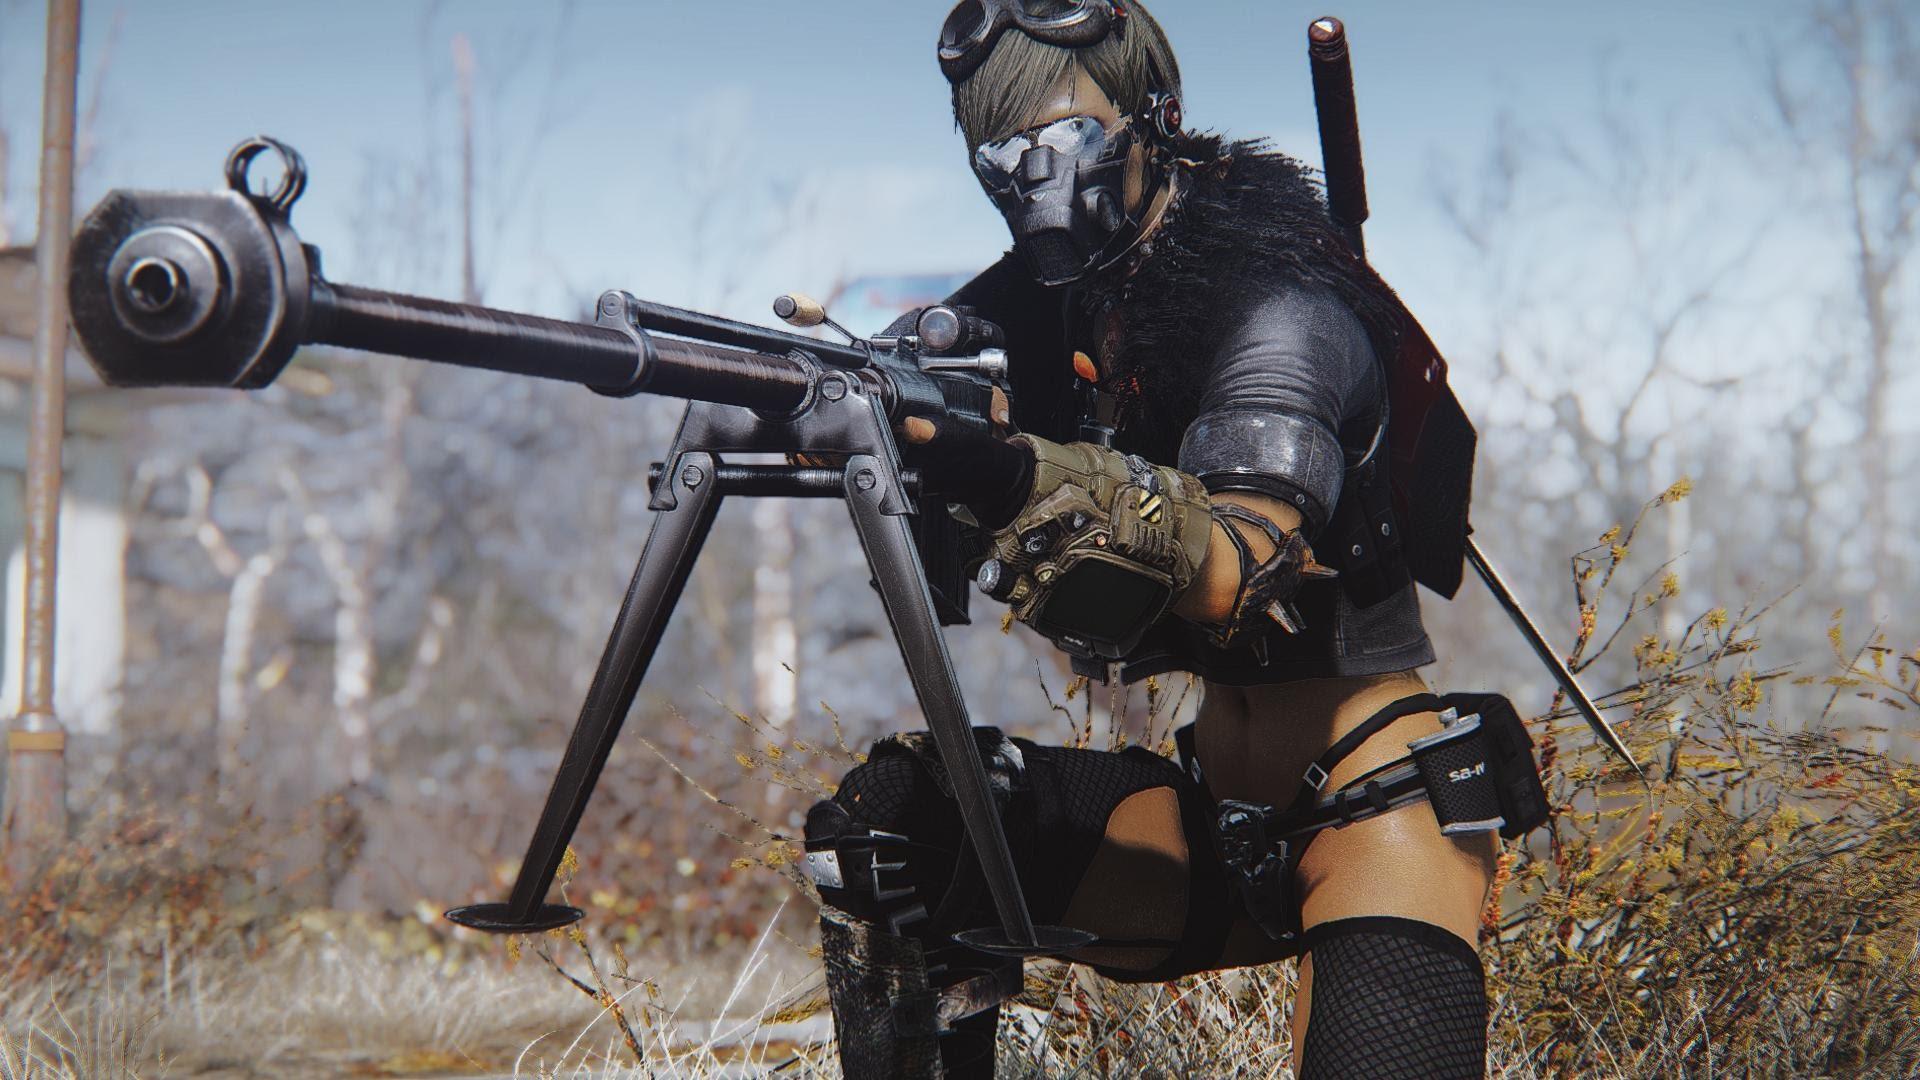 maxresdefault (1).jpg - Fallout 4